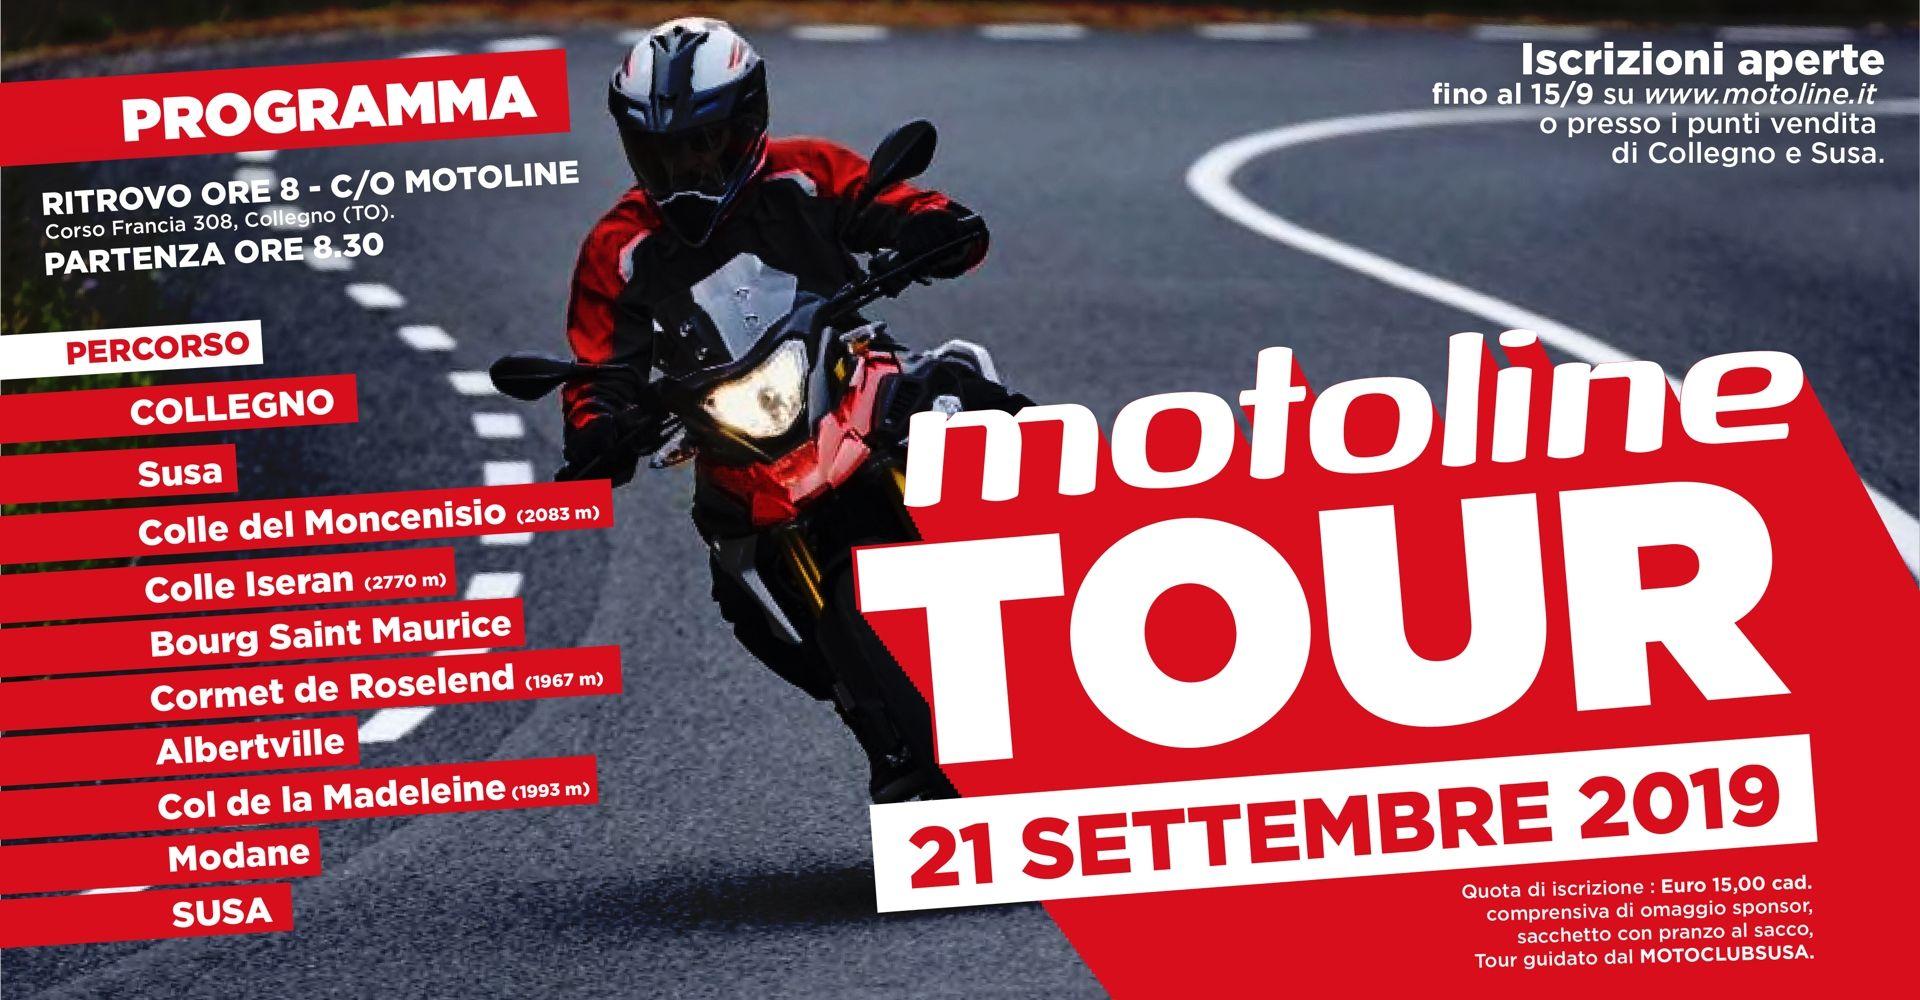 Motoline Tour